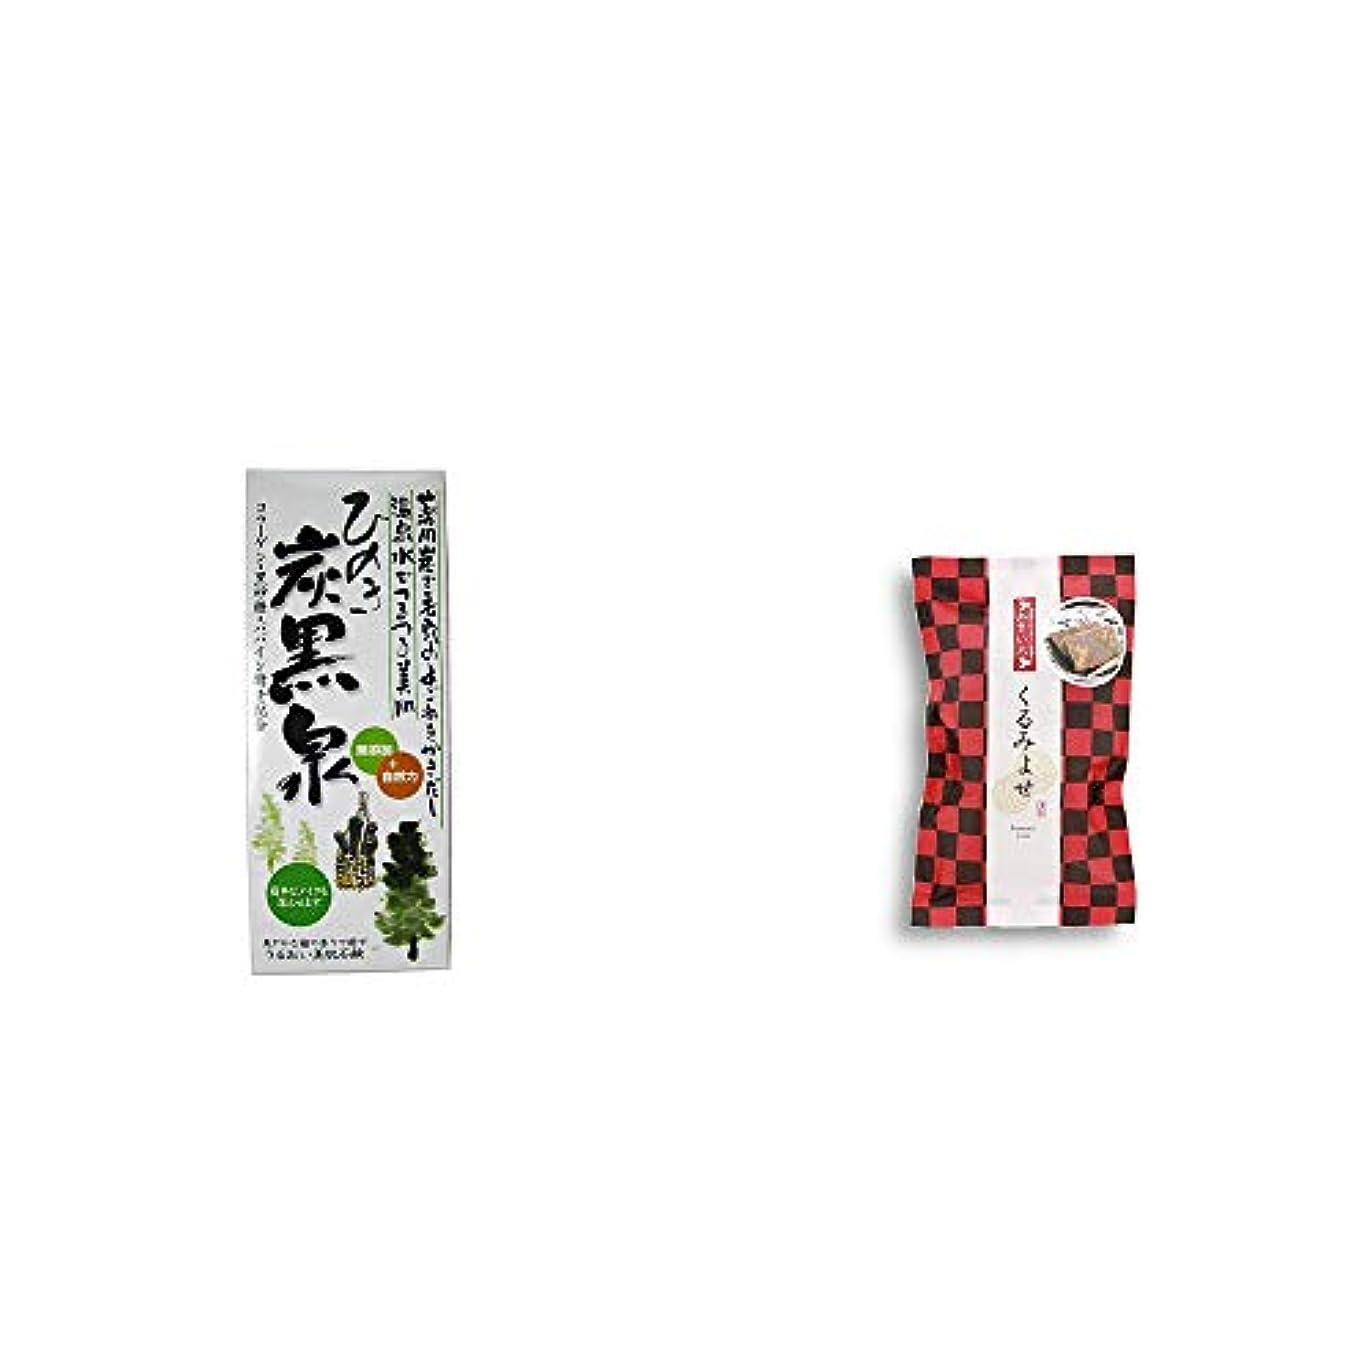 ナビゲーション乙女ウール[2点セット] ひのき炭黒泉 箱入り(75g×3)?くるみよせ(こし餡)(5個入)